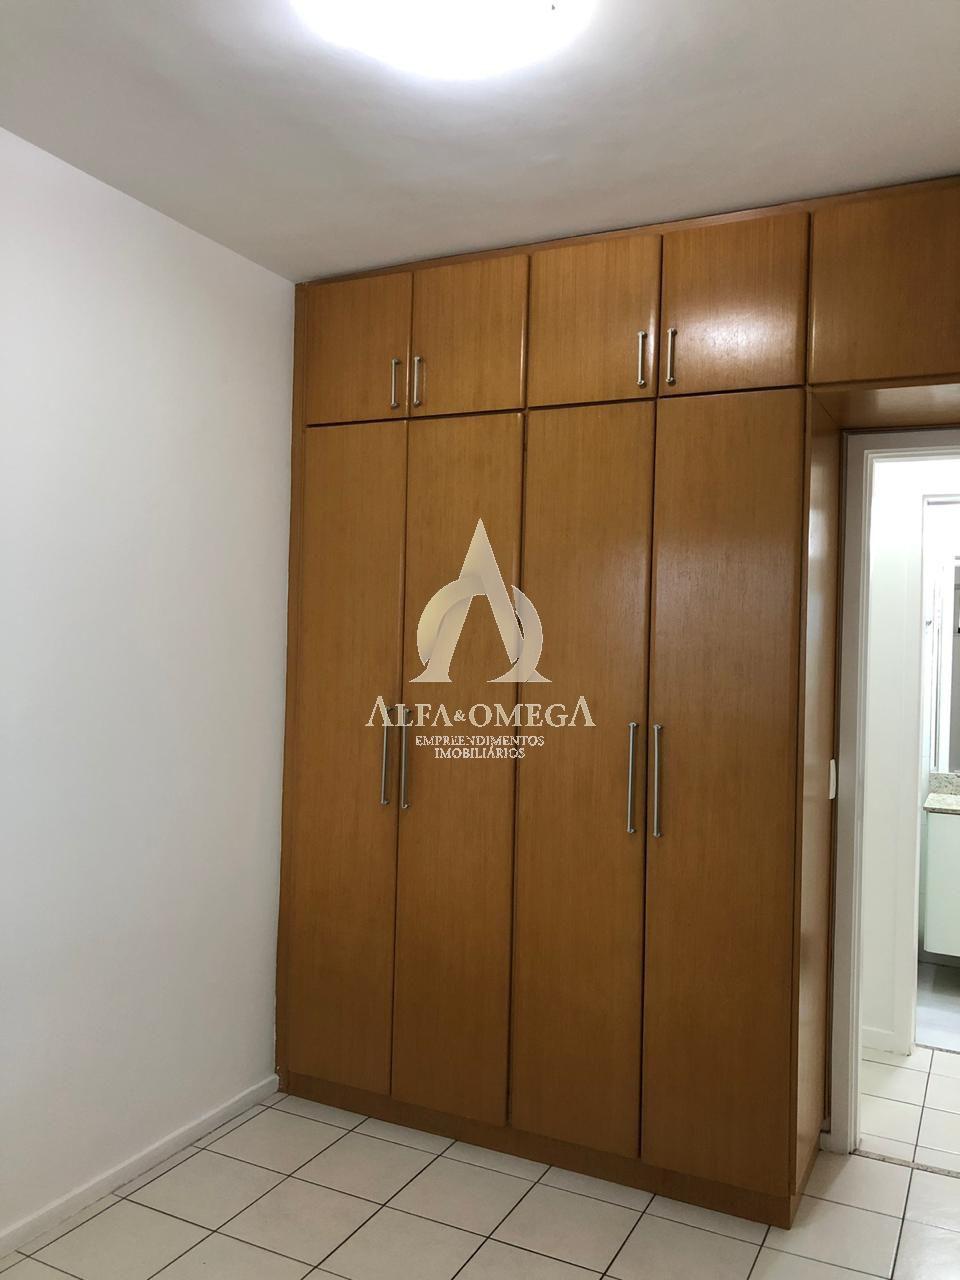 FOTO 8 - Apartamento Barra da Tijuca, Rio de Janeiro, RJ Para Alugar, 2 Quartos, 69m² - AO20270L - 9